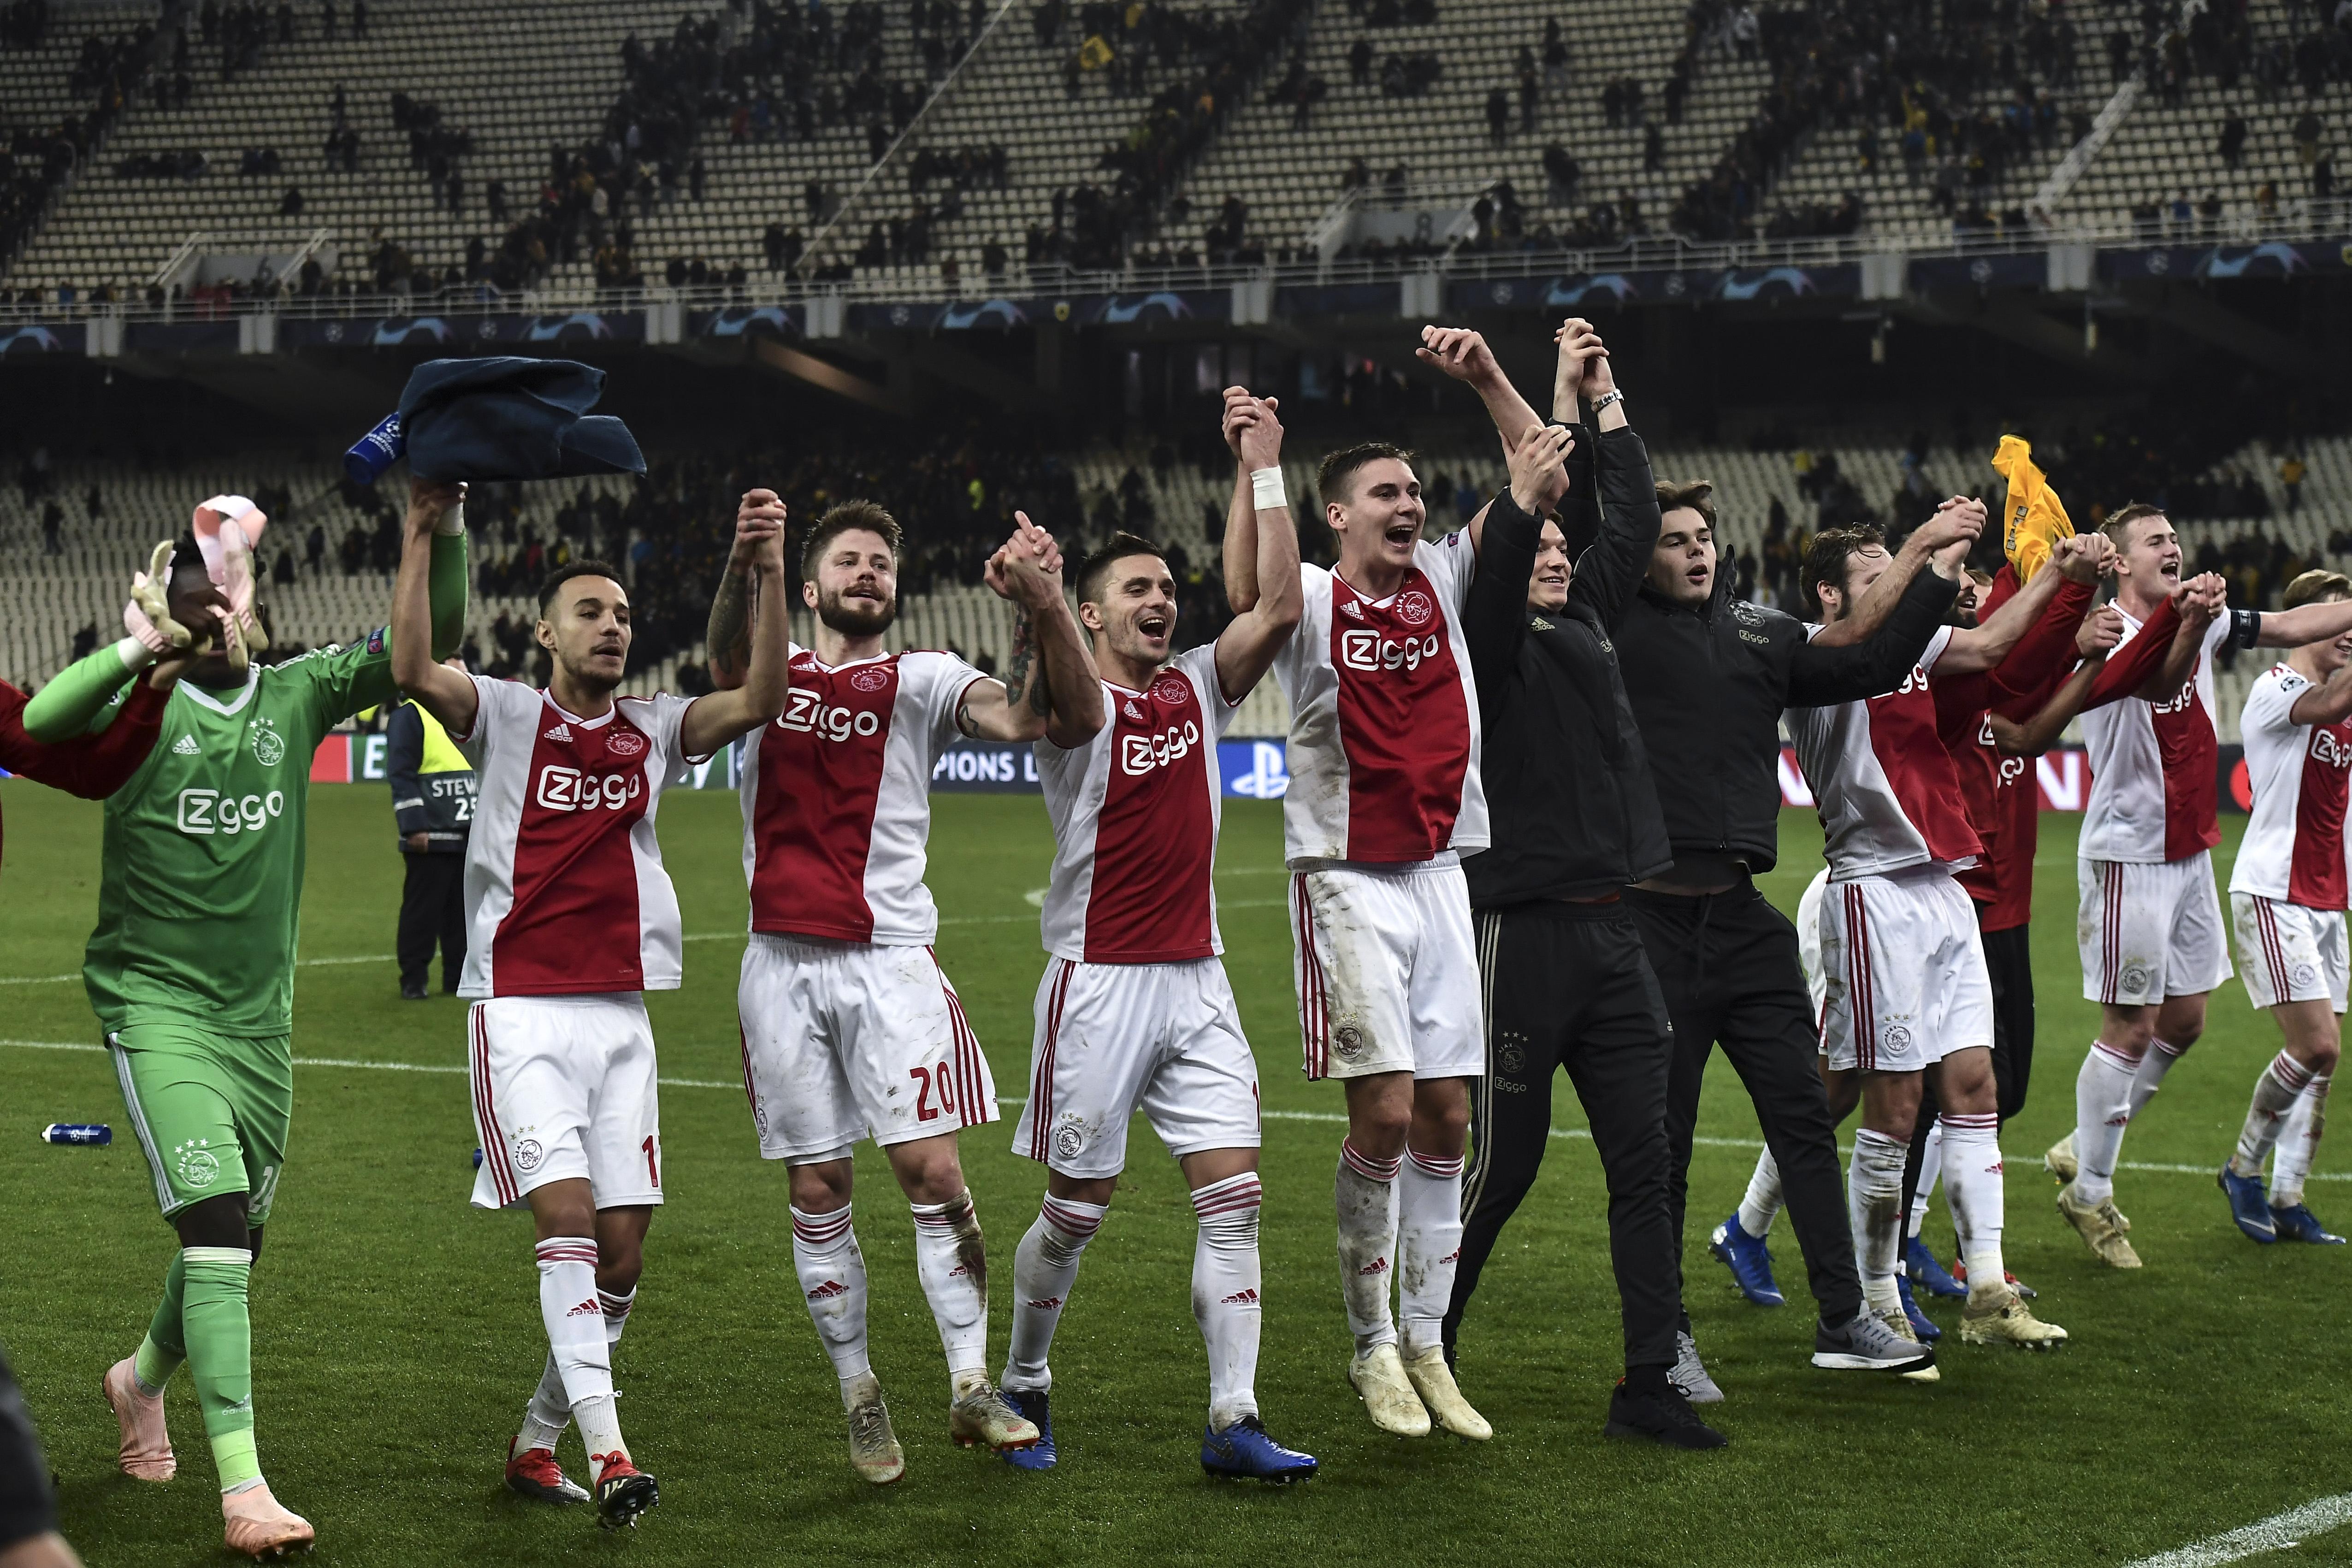 أياكس امستردام الهولندي يحتفل بالتأهل